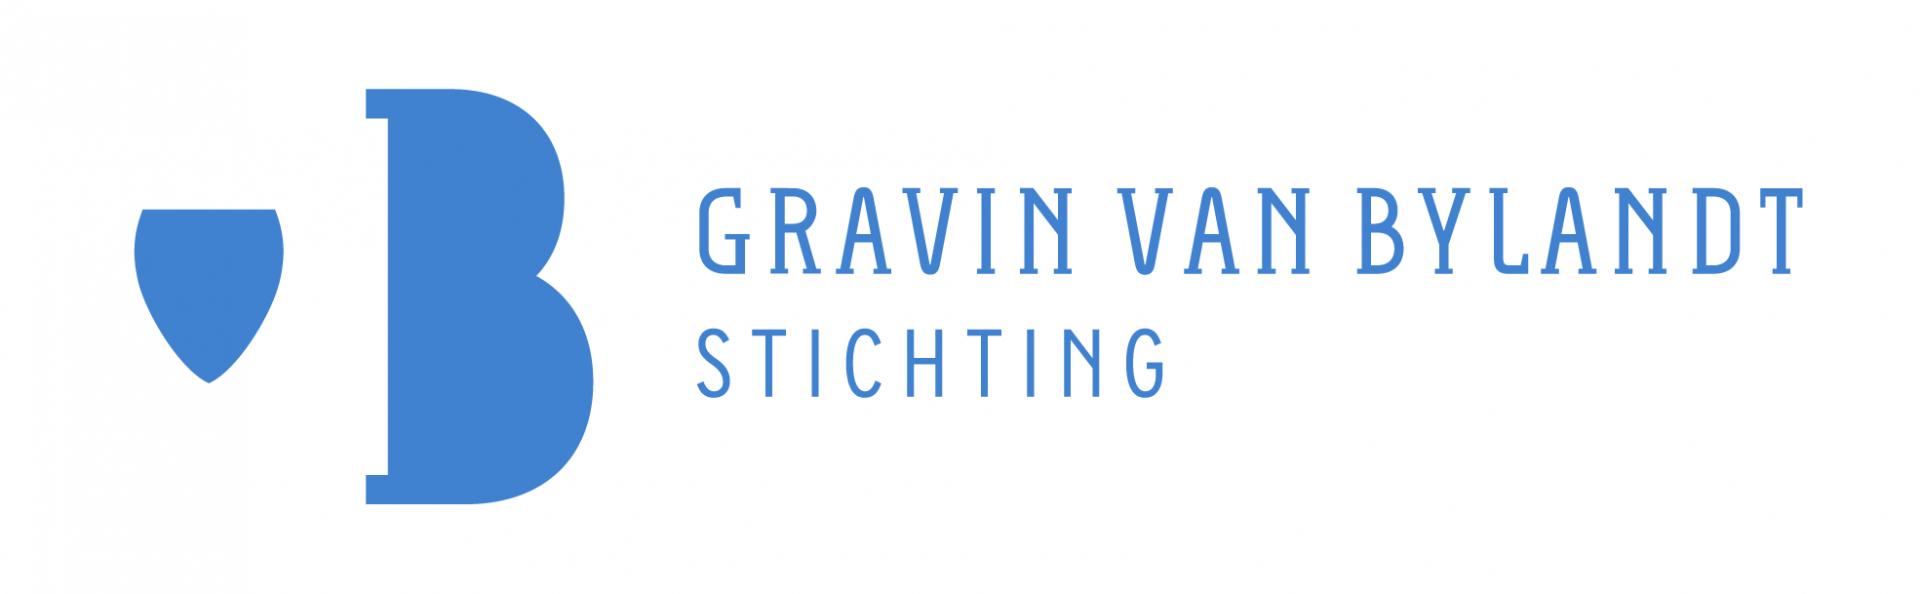 Gravin-van-Bylandt